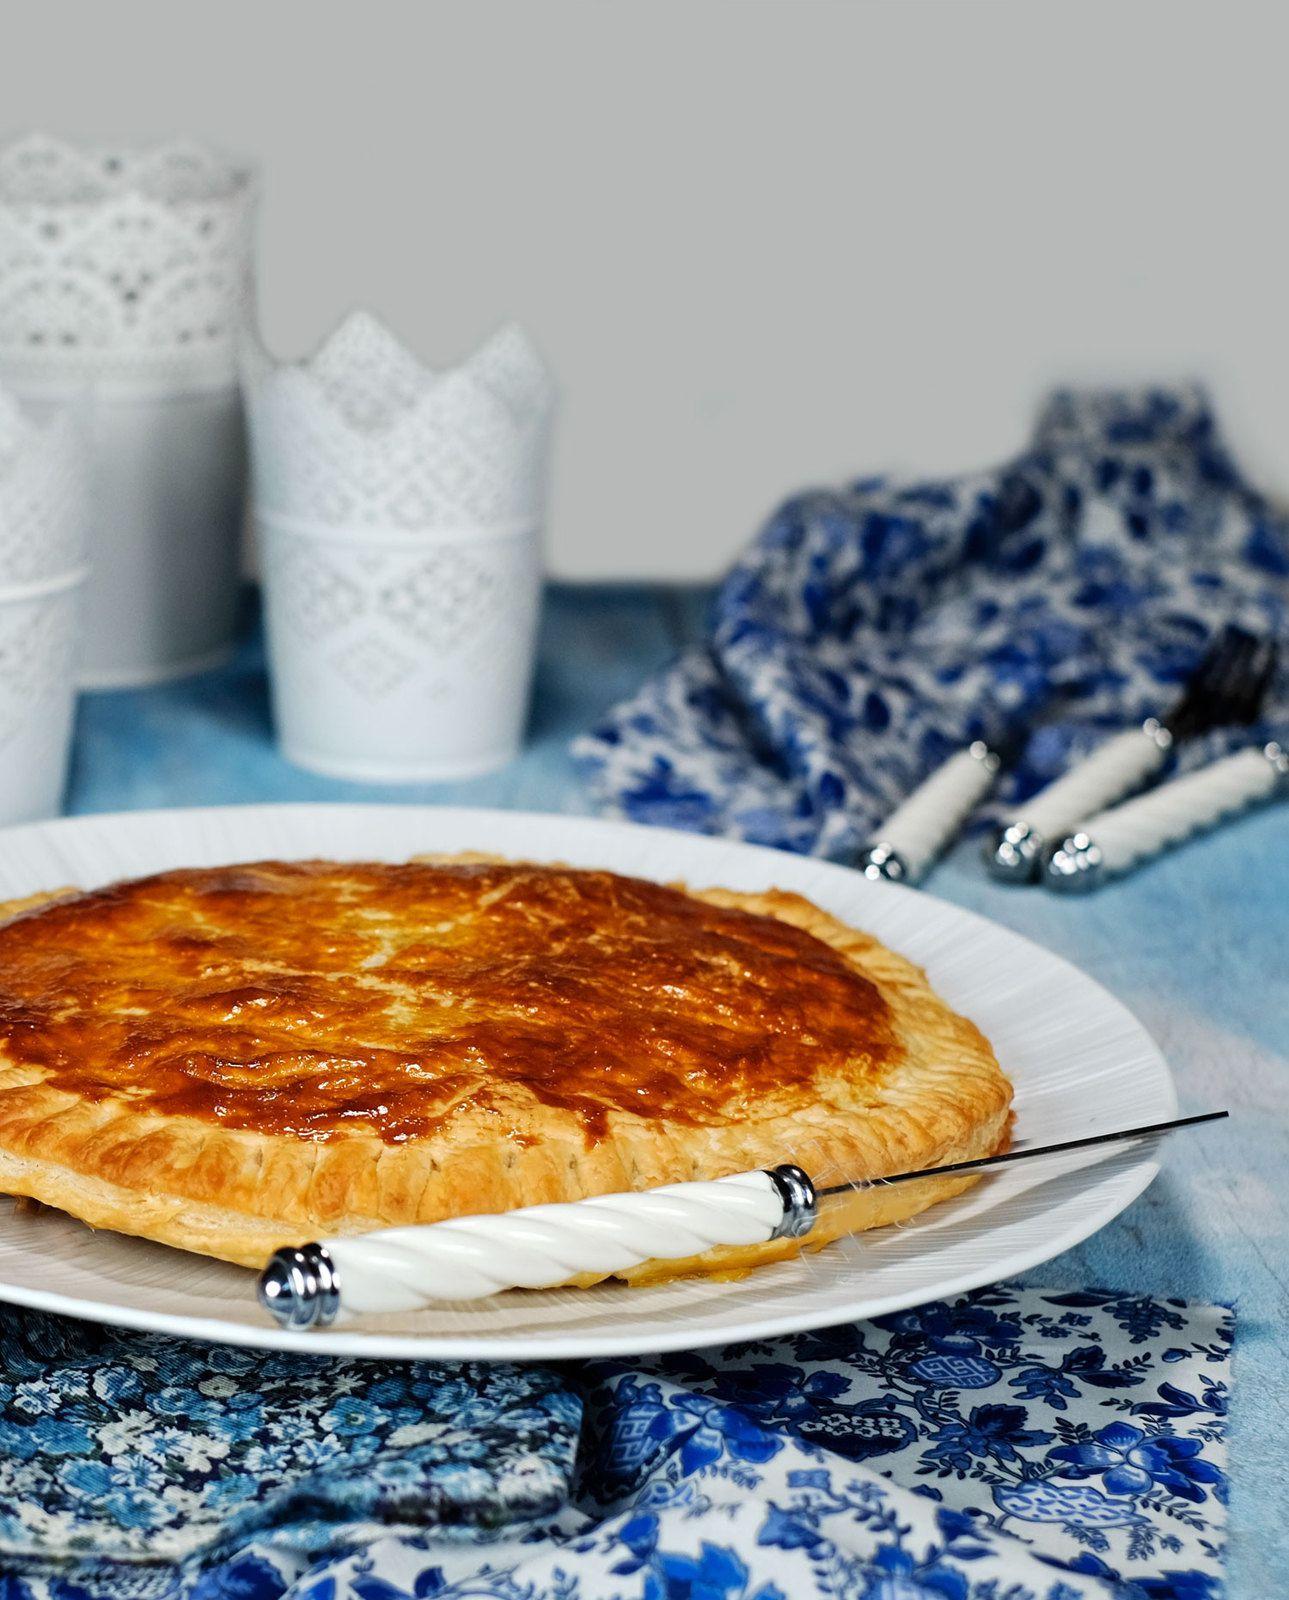 Galette des rois fromagère : camembert et pommes